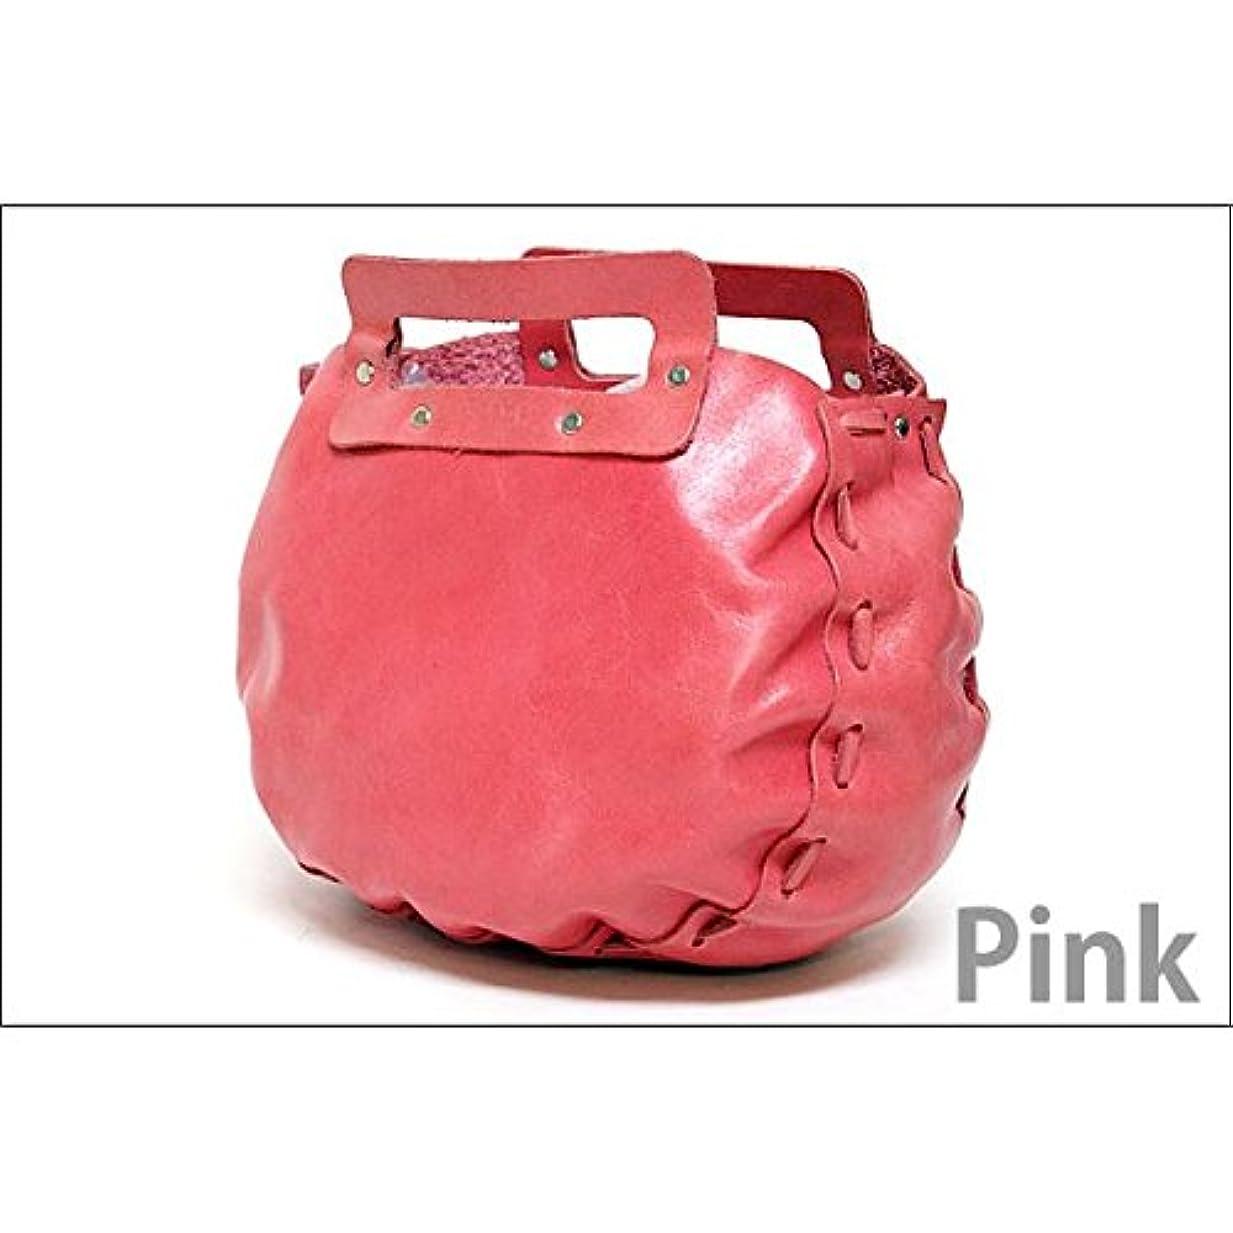 みがきます独創的チーフ★dean(ディーン) bowling bag ハンドバッグ ピンク ds-1912097